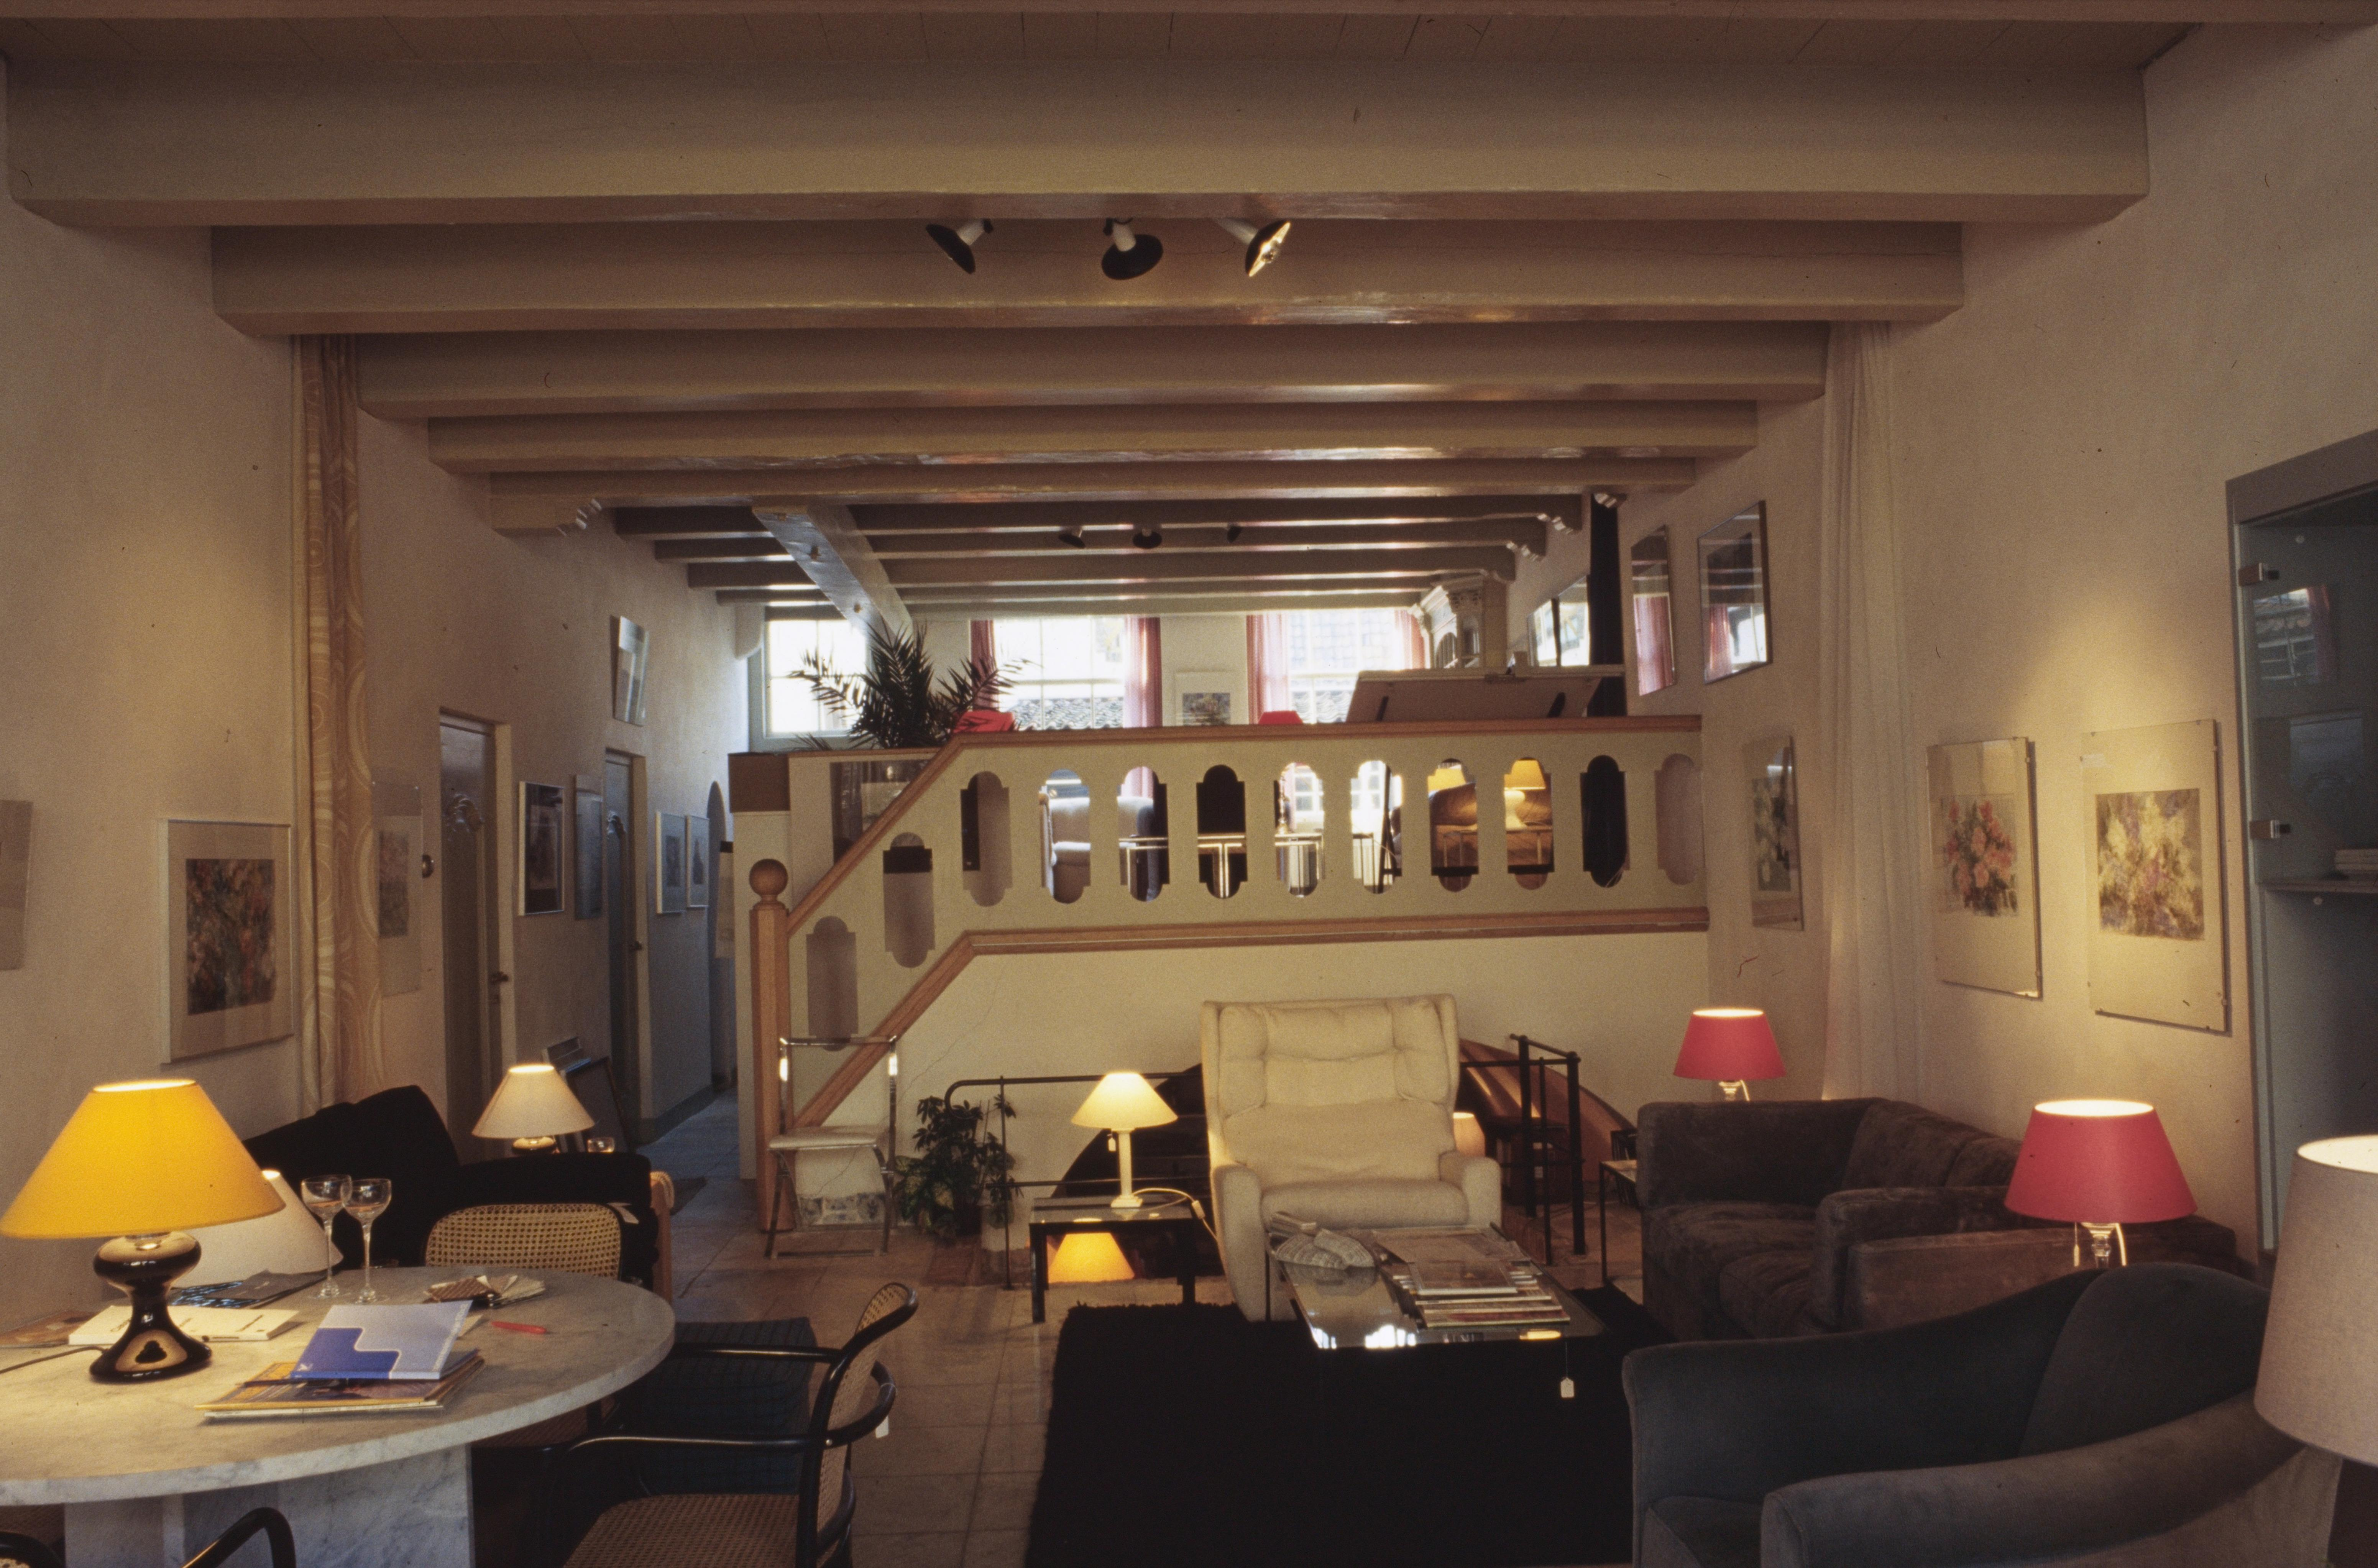 Alkmaars oudste winkel sluit, na 200 jaar. Meubelzaak Masée verkocht 'klassiek met een knipoog'. 'Door corona heb ik langzaam kunnen wennen aan een leven zonder de winkel'